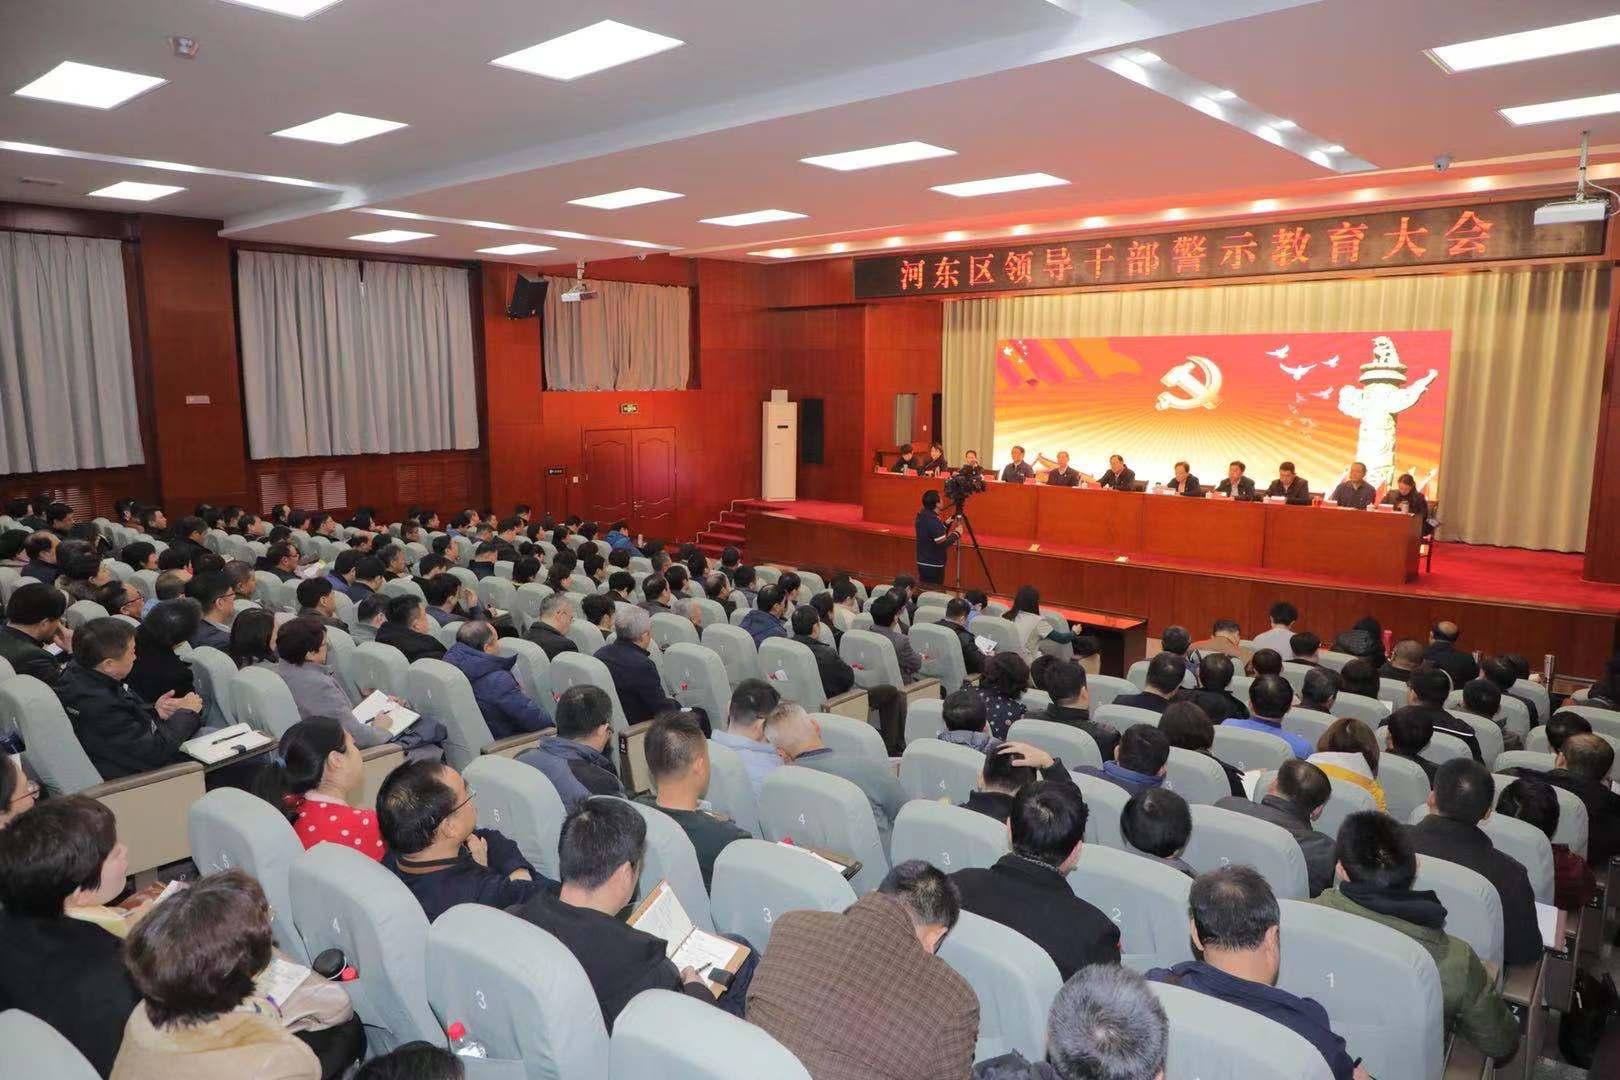 河东召开领导干部警示教育大会推进全面从严治党向纵深发展